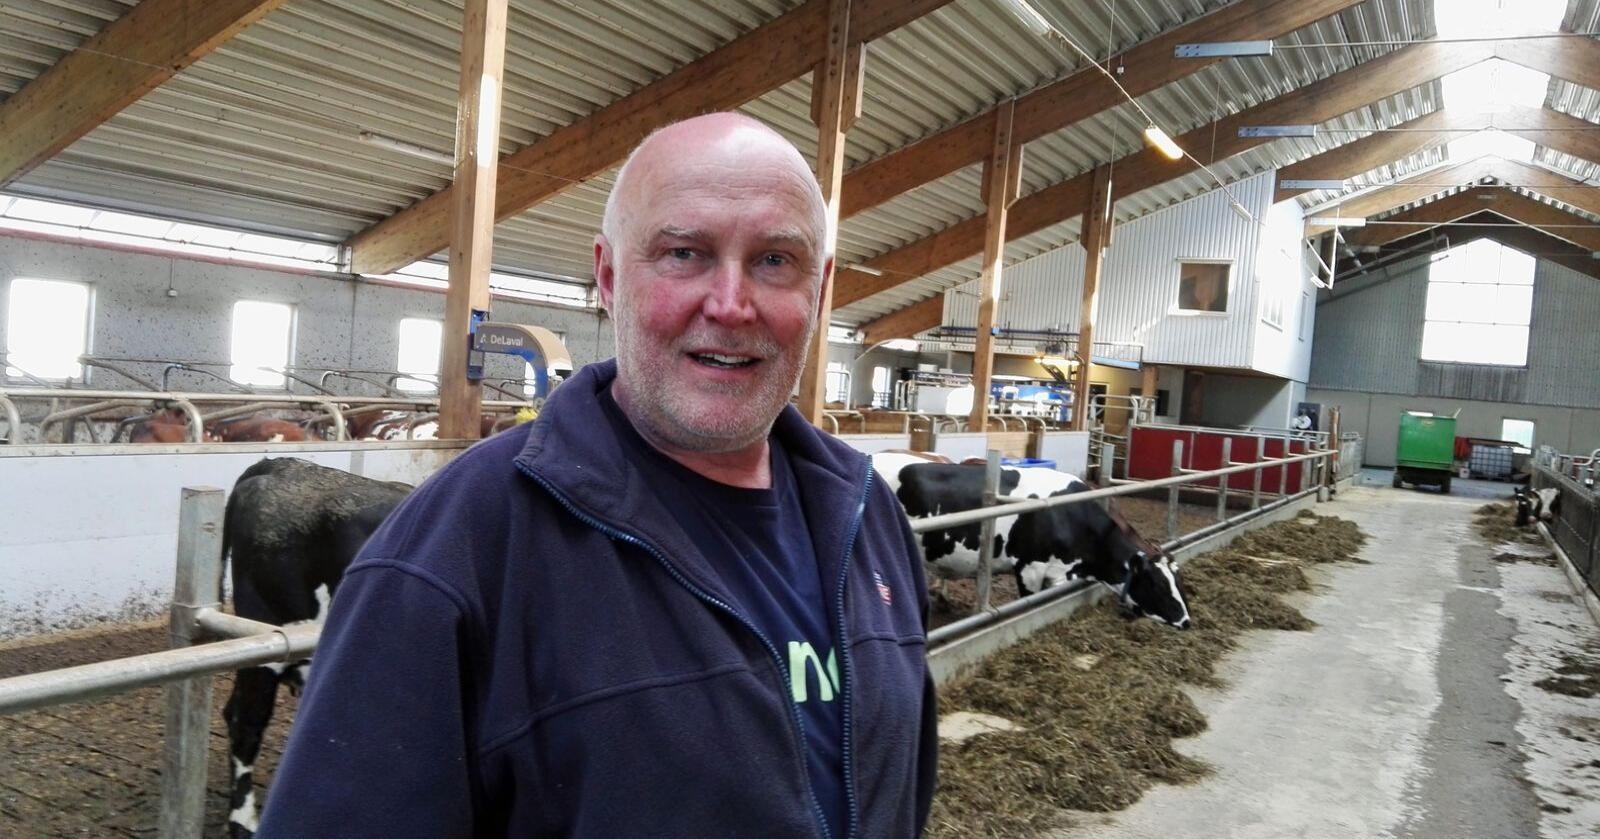 Svend Arild Uvaag er leder i Østfold Bondelag. – Vi må sikre at vi klarer å opprettholde, og aller helst gjøre norsk matproduksjon større, fordi det er et viktig bidrag i klimakampen, skriver Uvaag. (Foto: Stian Eide)